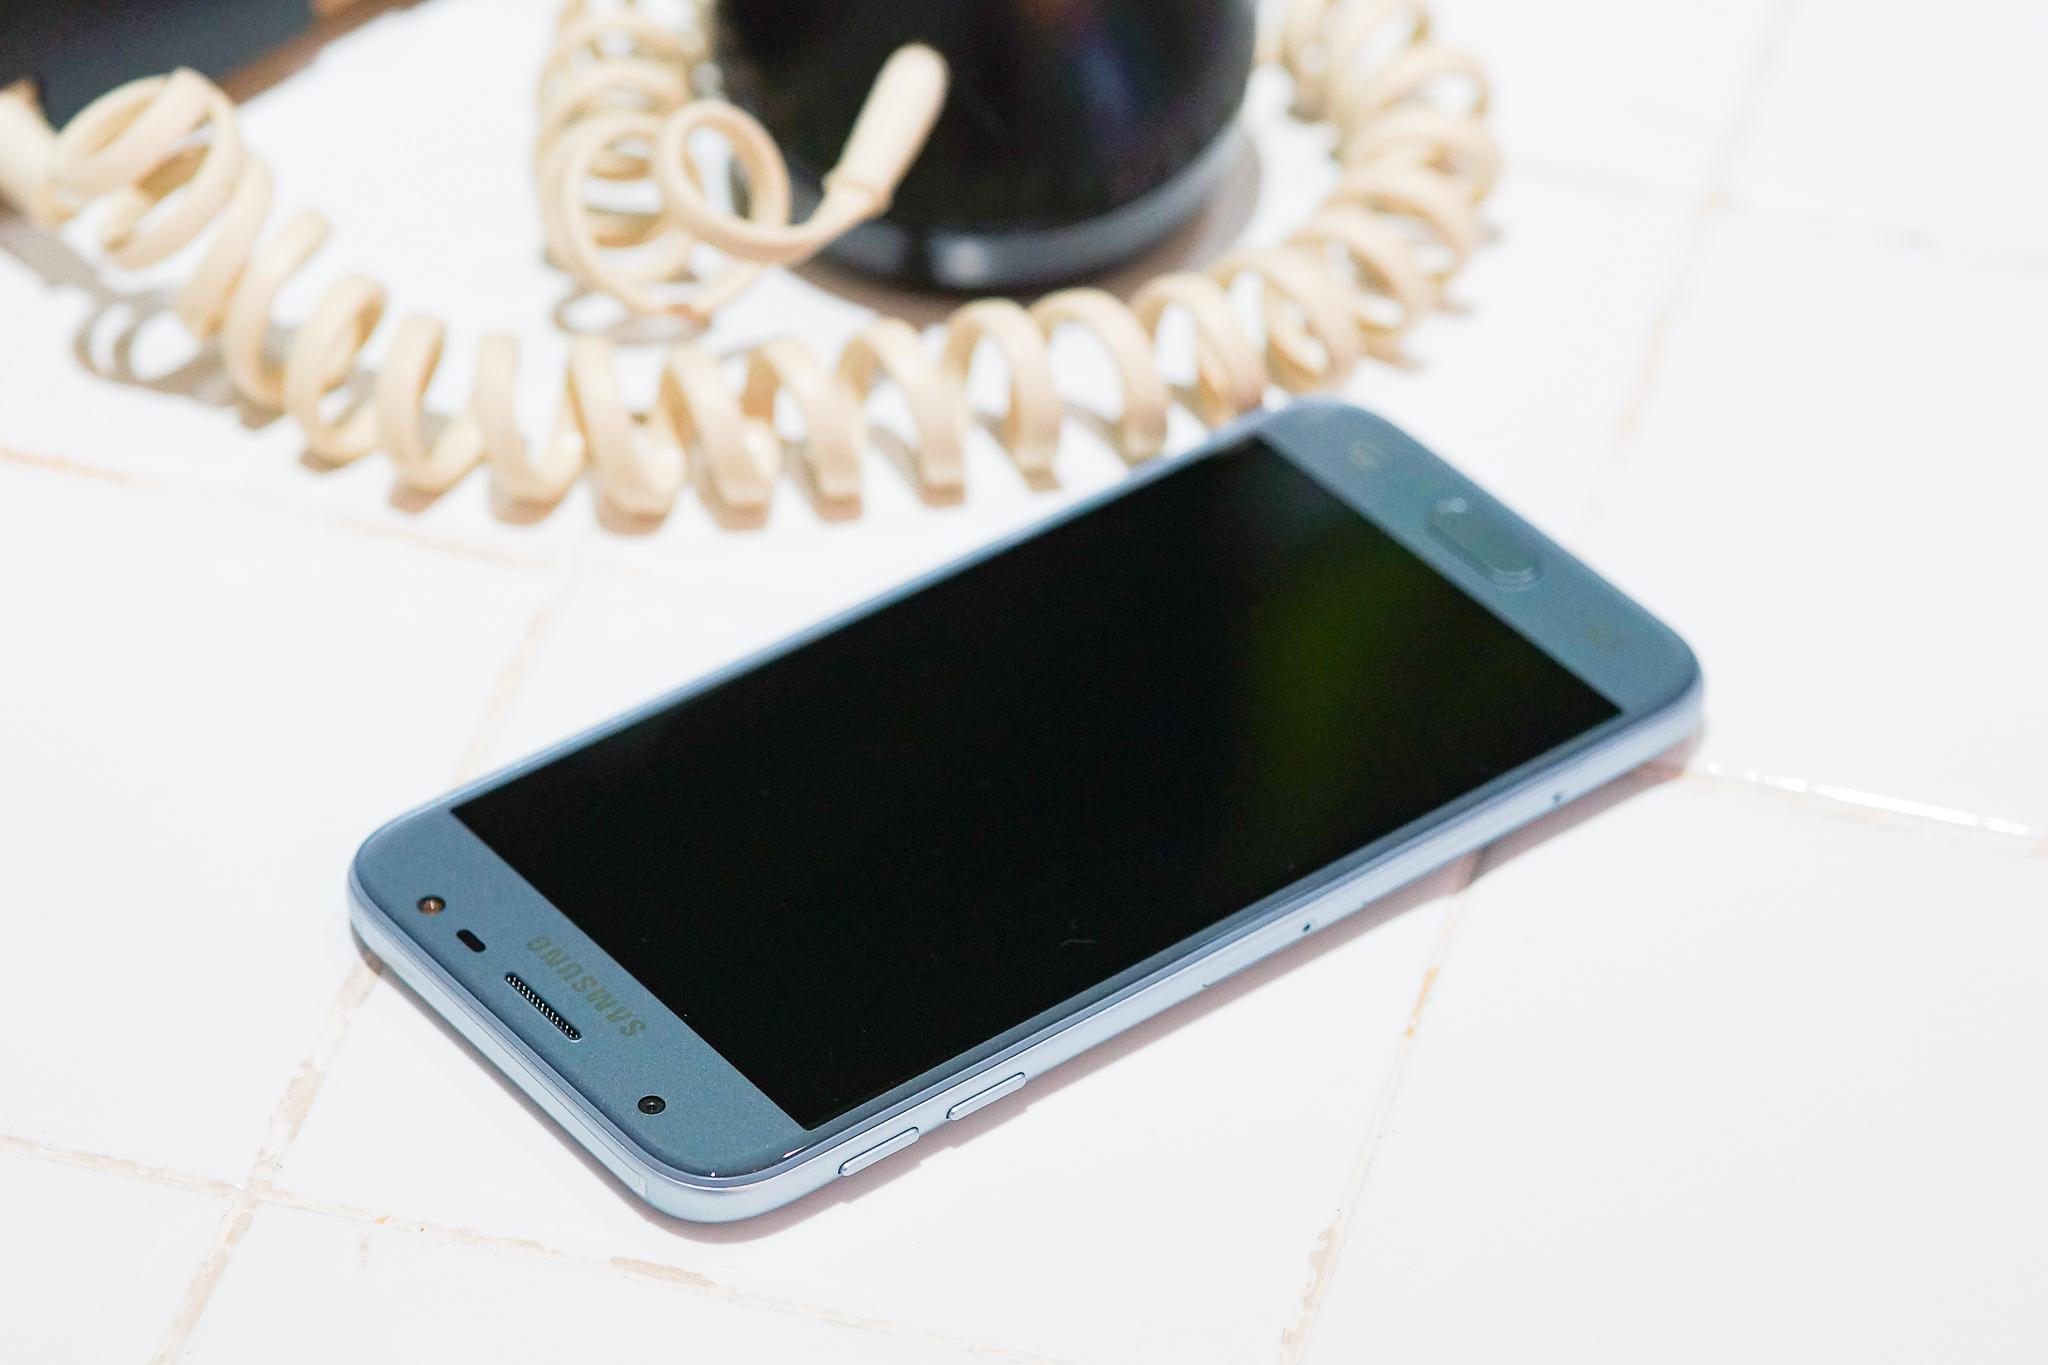 Galaxy J3 Pro - Hình 3